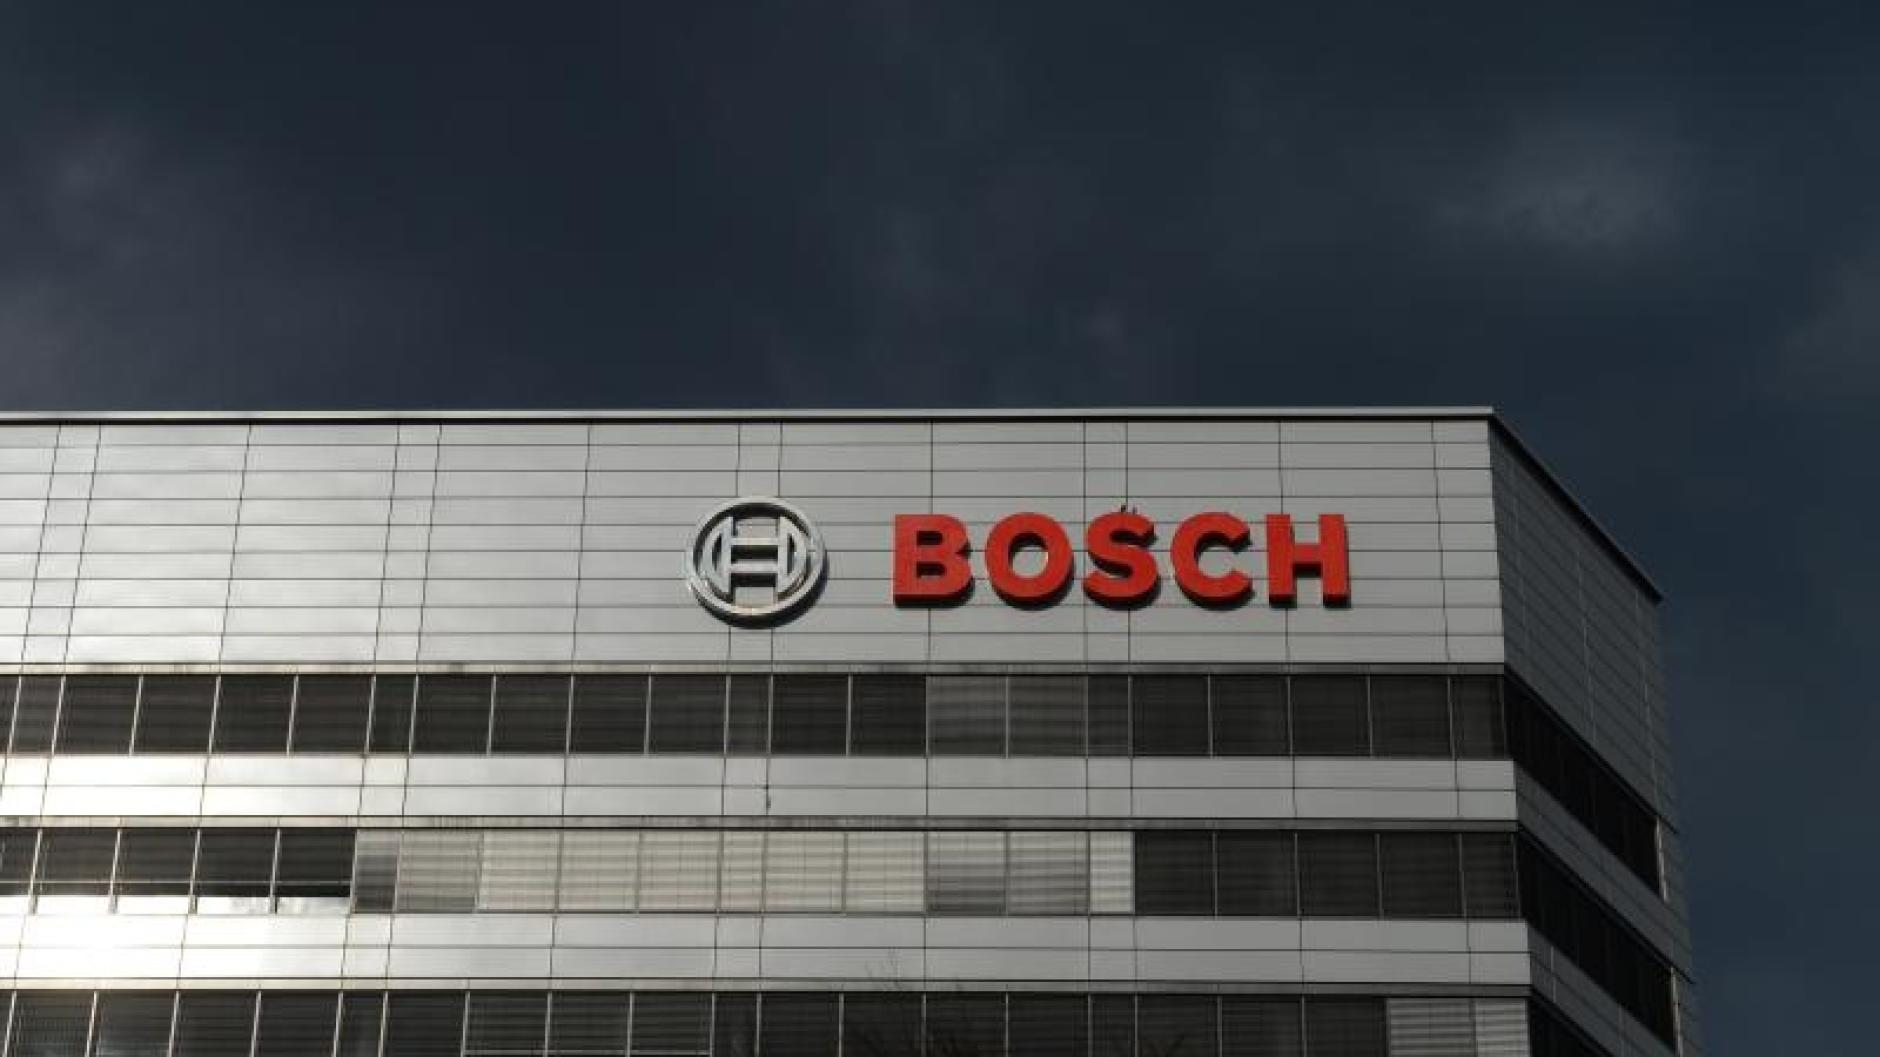 Radikaler Umbau: Deutsche Bank streicht rund 18.000